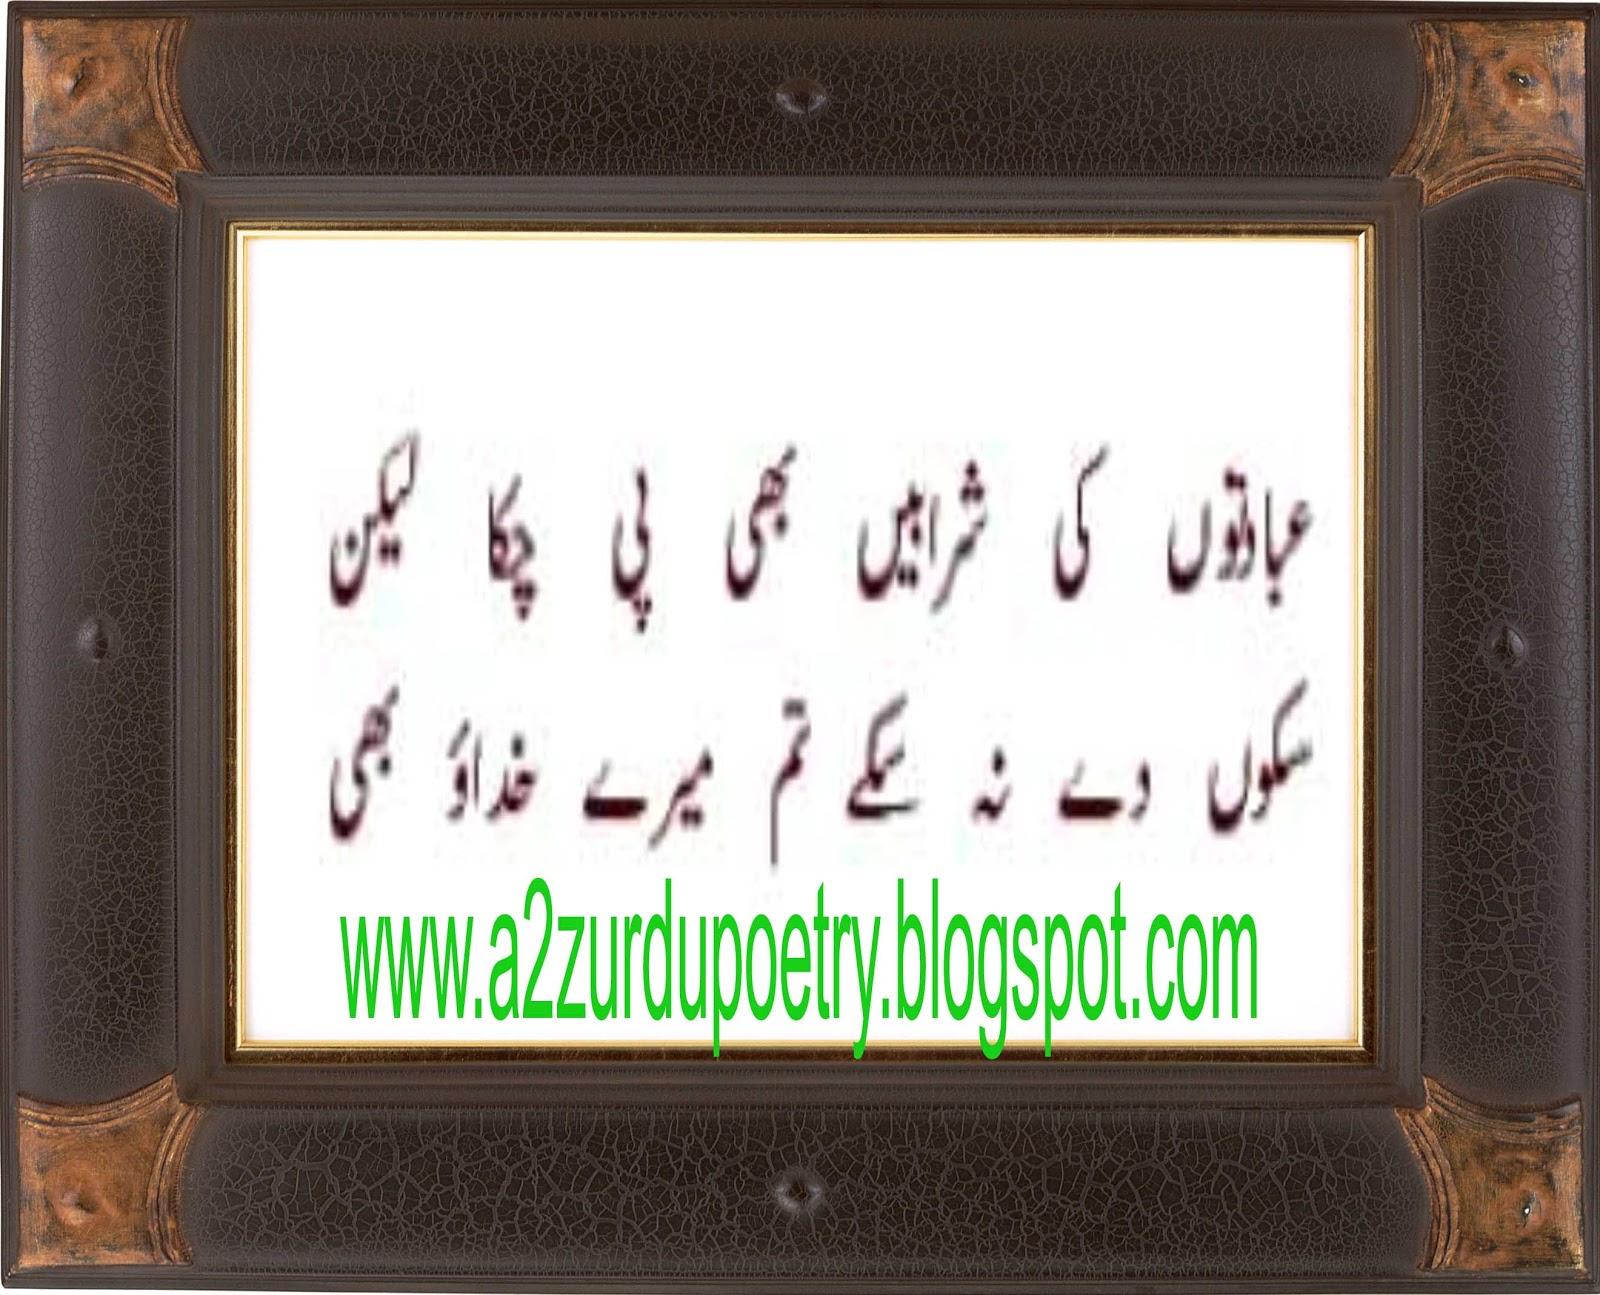 2 Line Sharab Urdu poetry sms message | Urdu Poetry & Ghazals